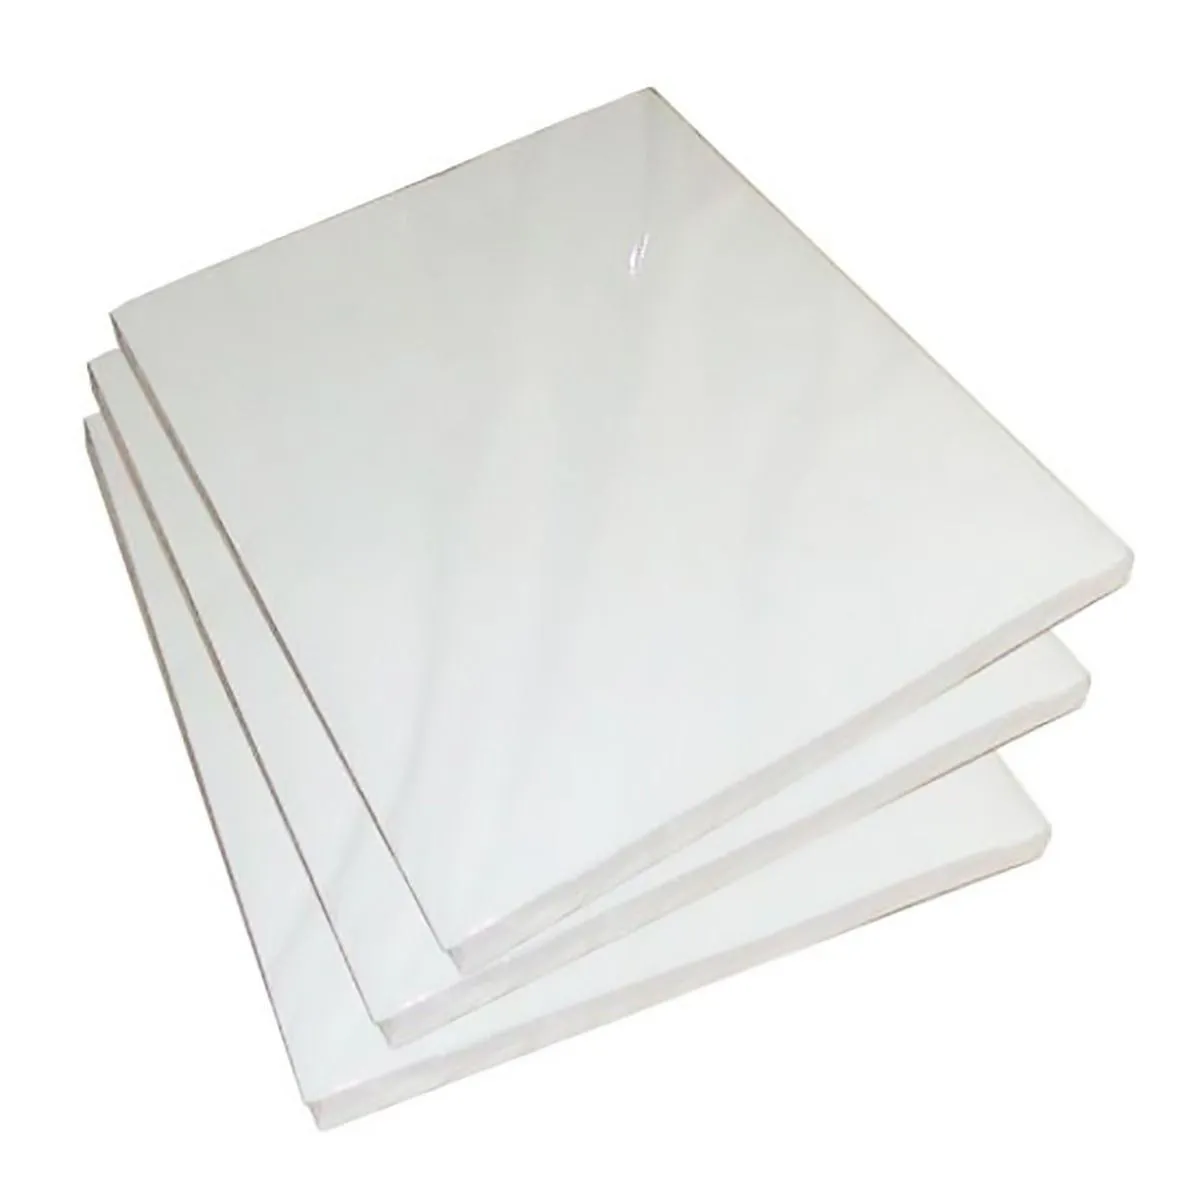 Papel Fotográfico 20 folhas 180gr A3 (Resistente à água)  - ECONOMIZOU